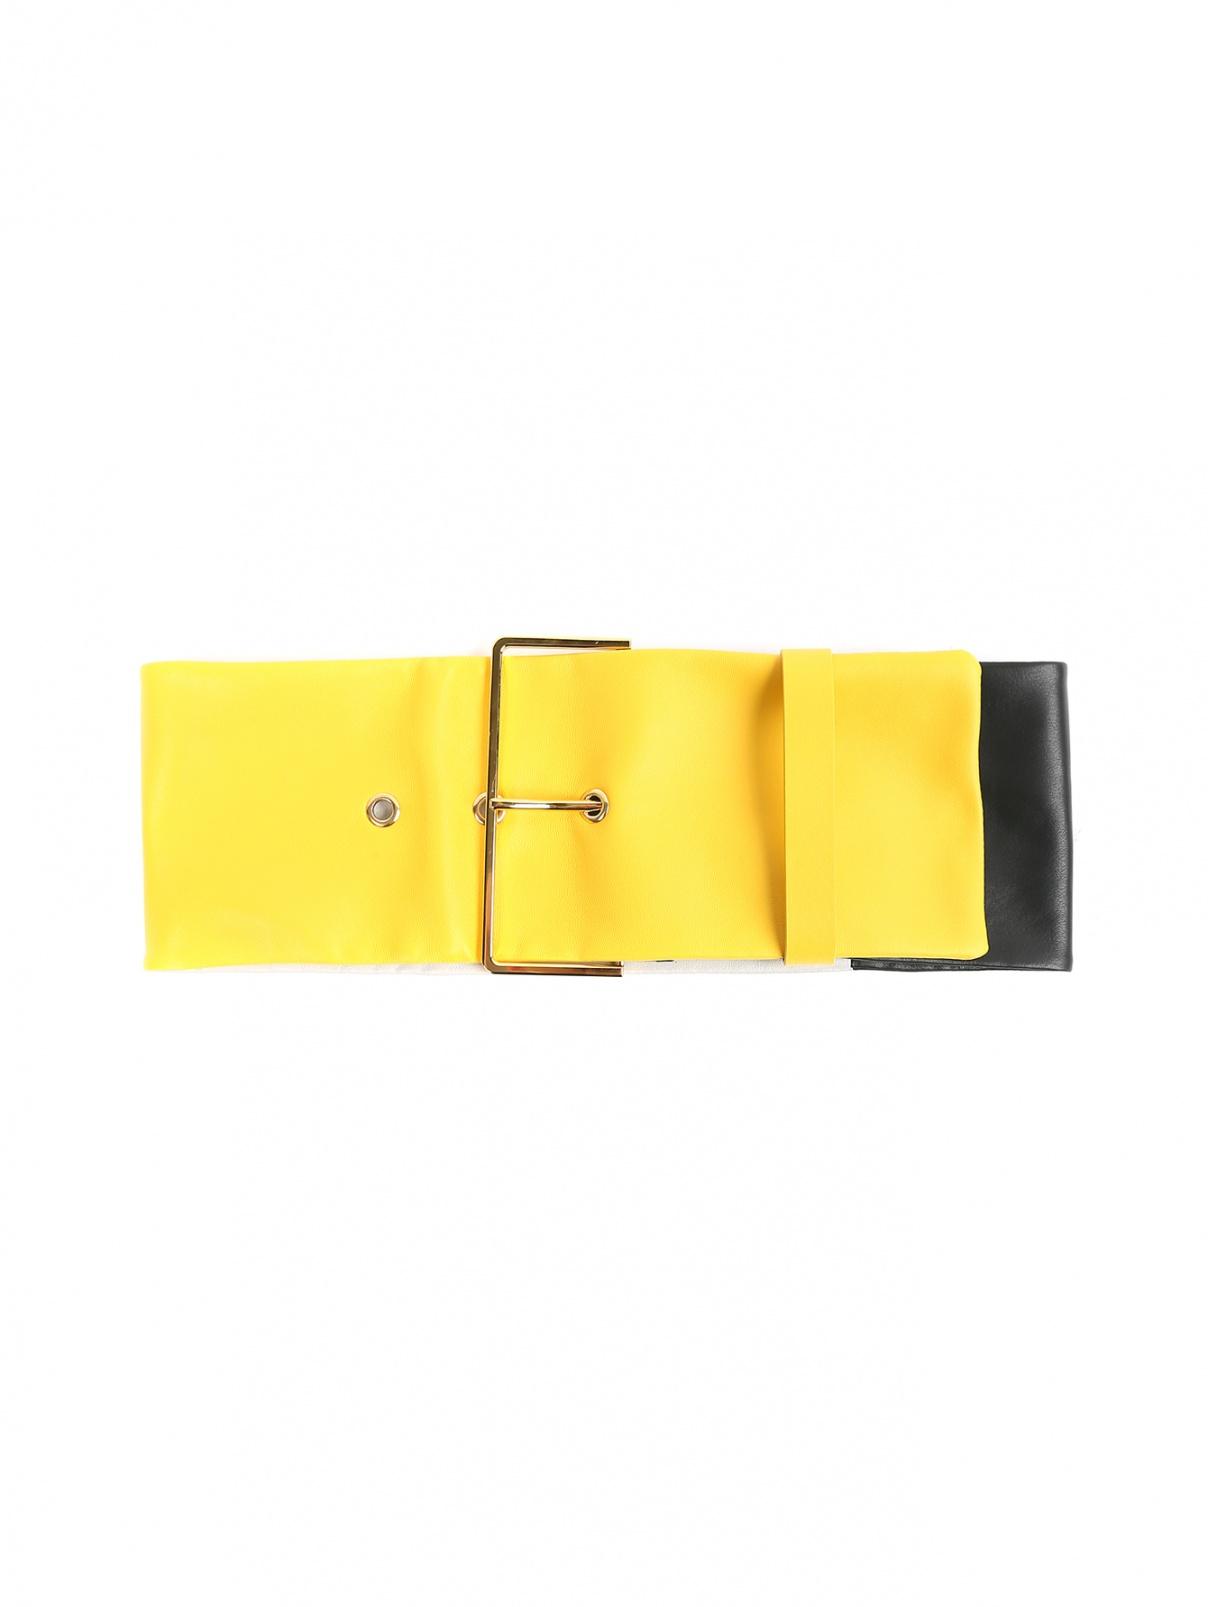 Широкий пояс из кожи с золотой фурнитурой Marni  –  Общий вид  – Цвет:  Мультиколор